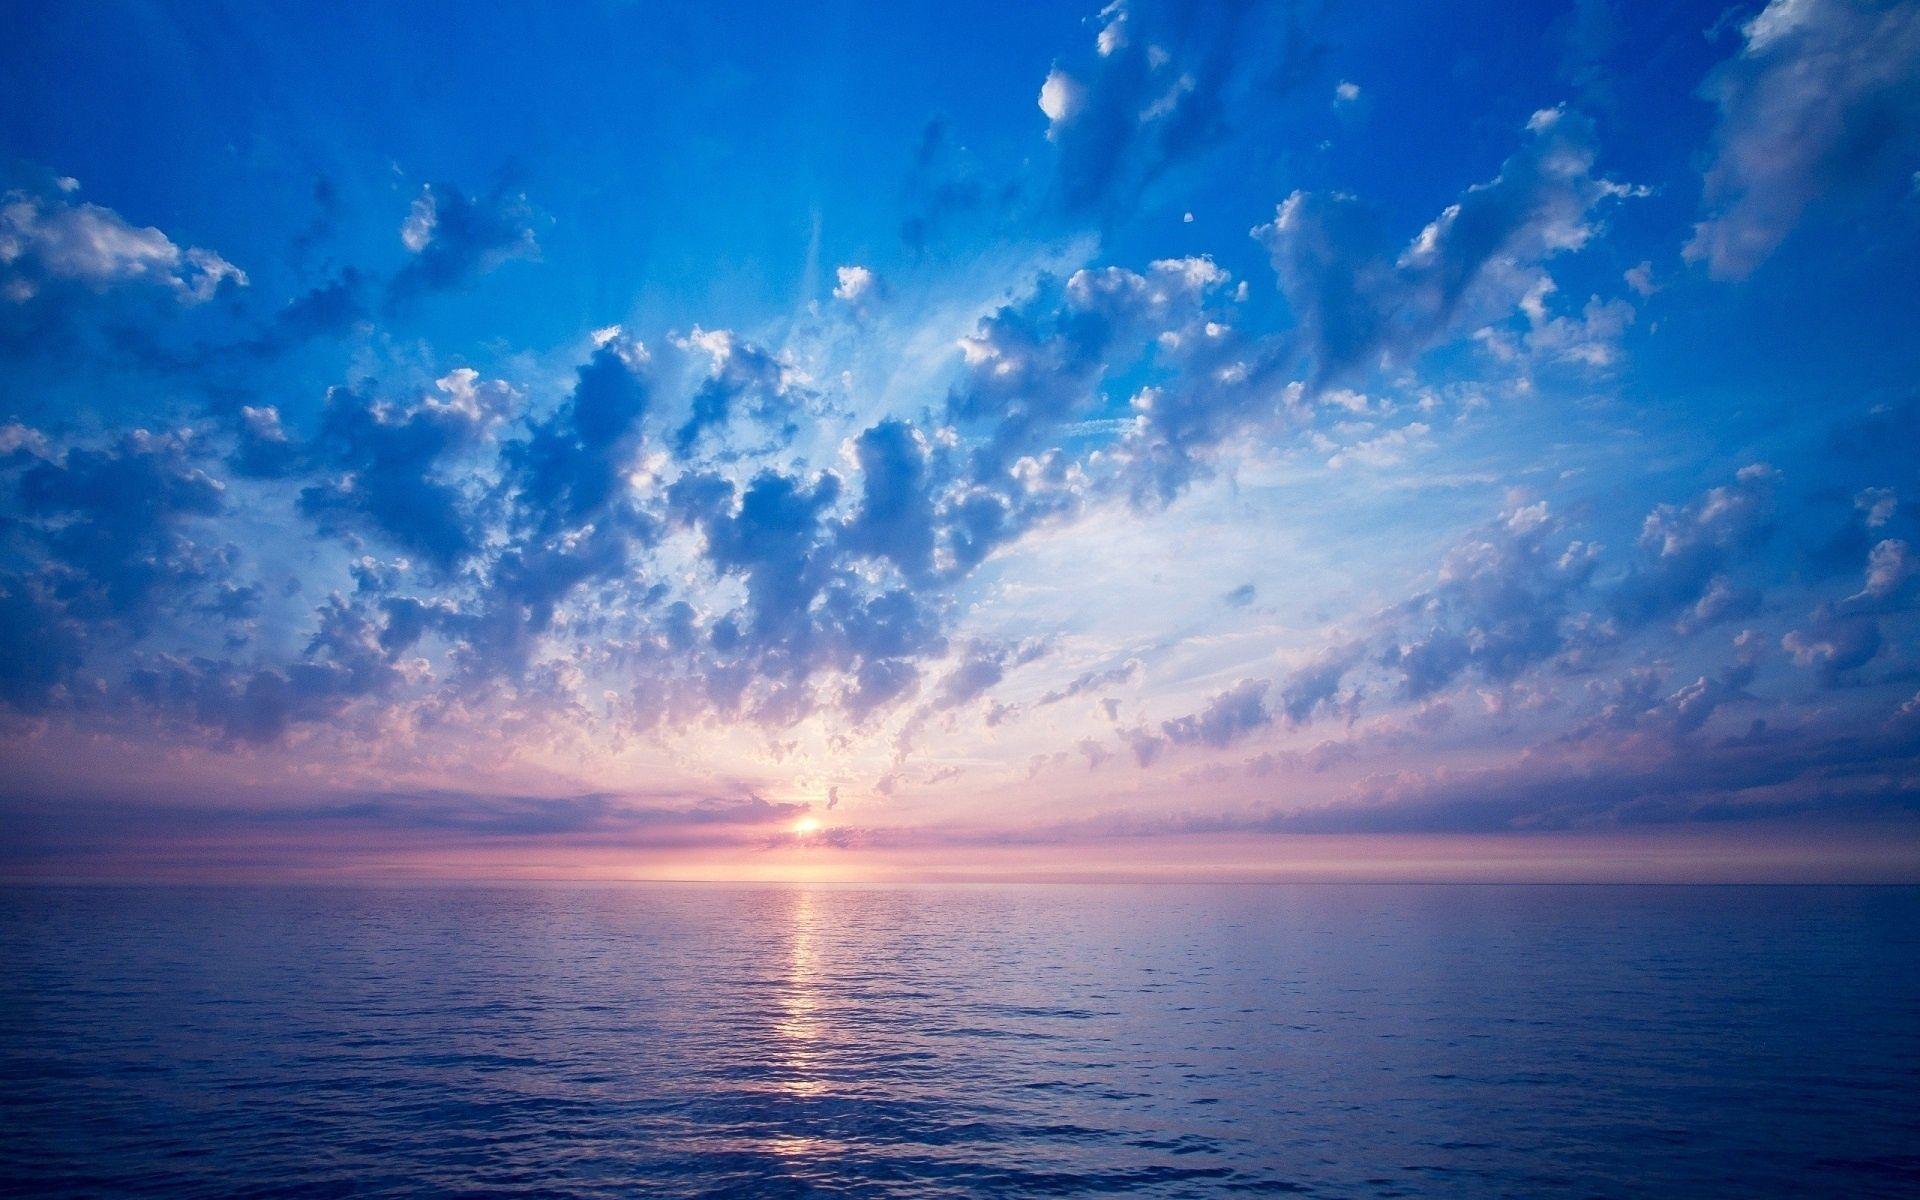 140817 скачать обои Облака, Природа, Солнце, Небо, Море, Горизонт, Вечер, Оттенки, Воздушные, Штиль - заставки и картинки бесплатно